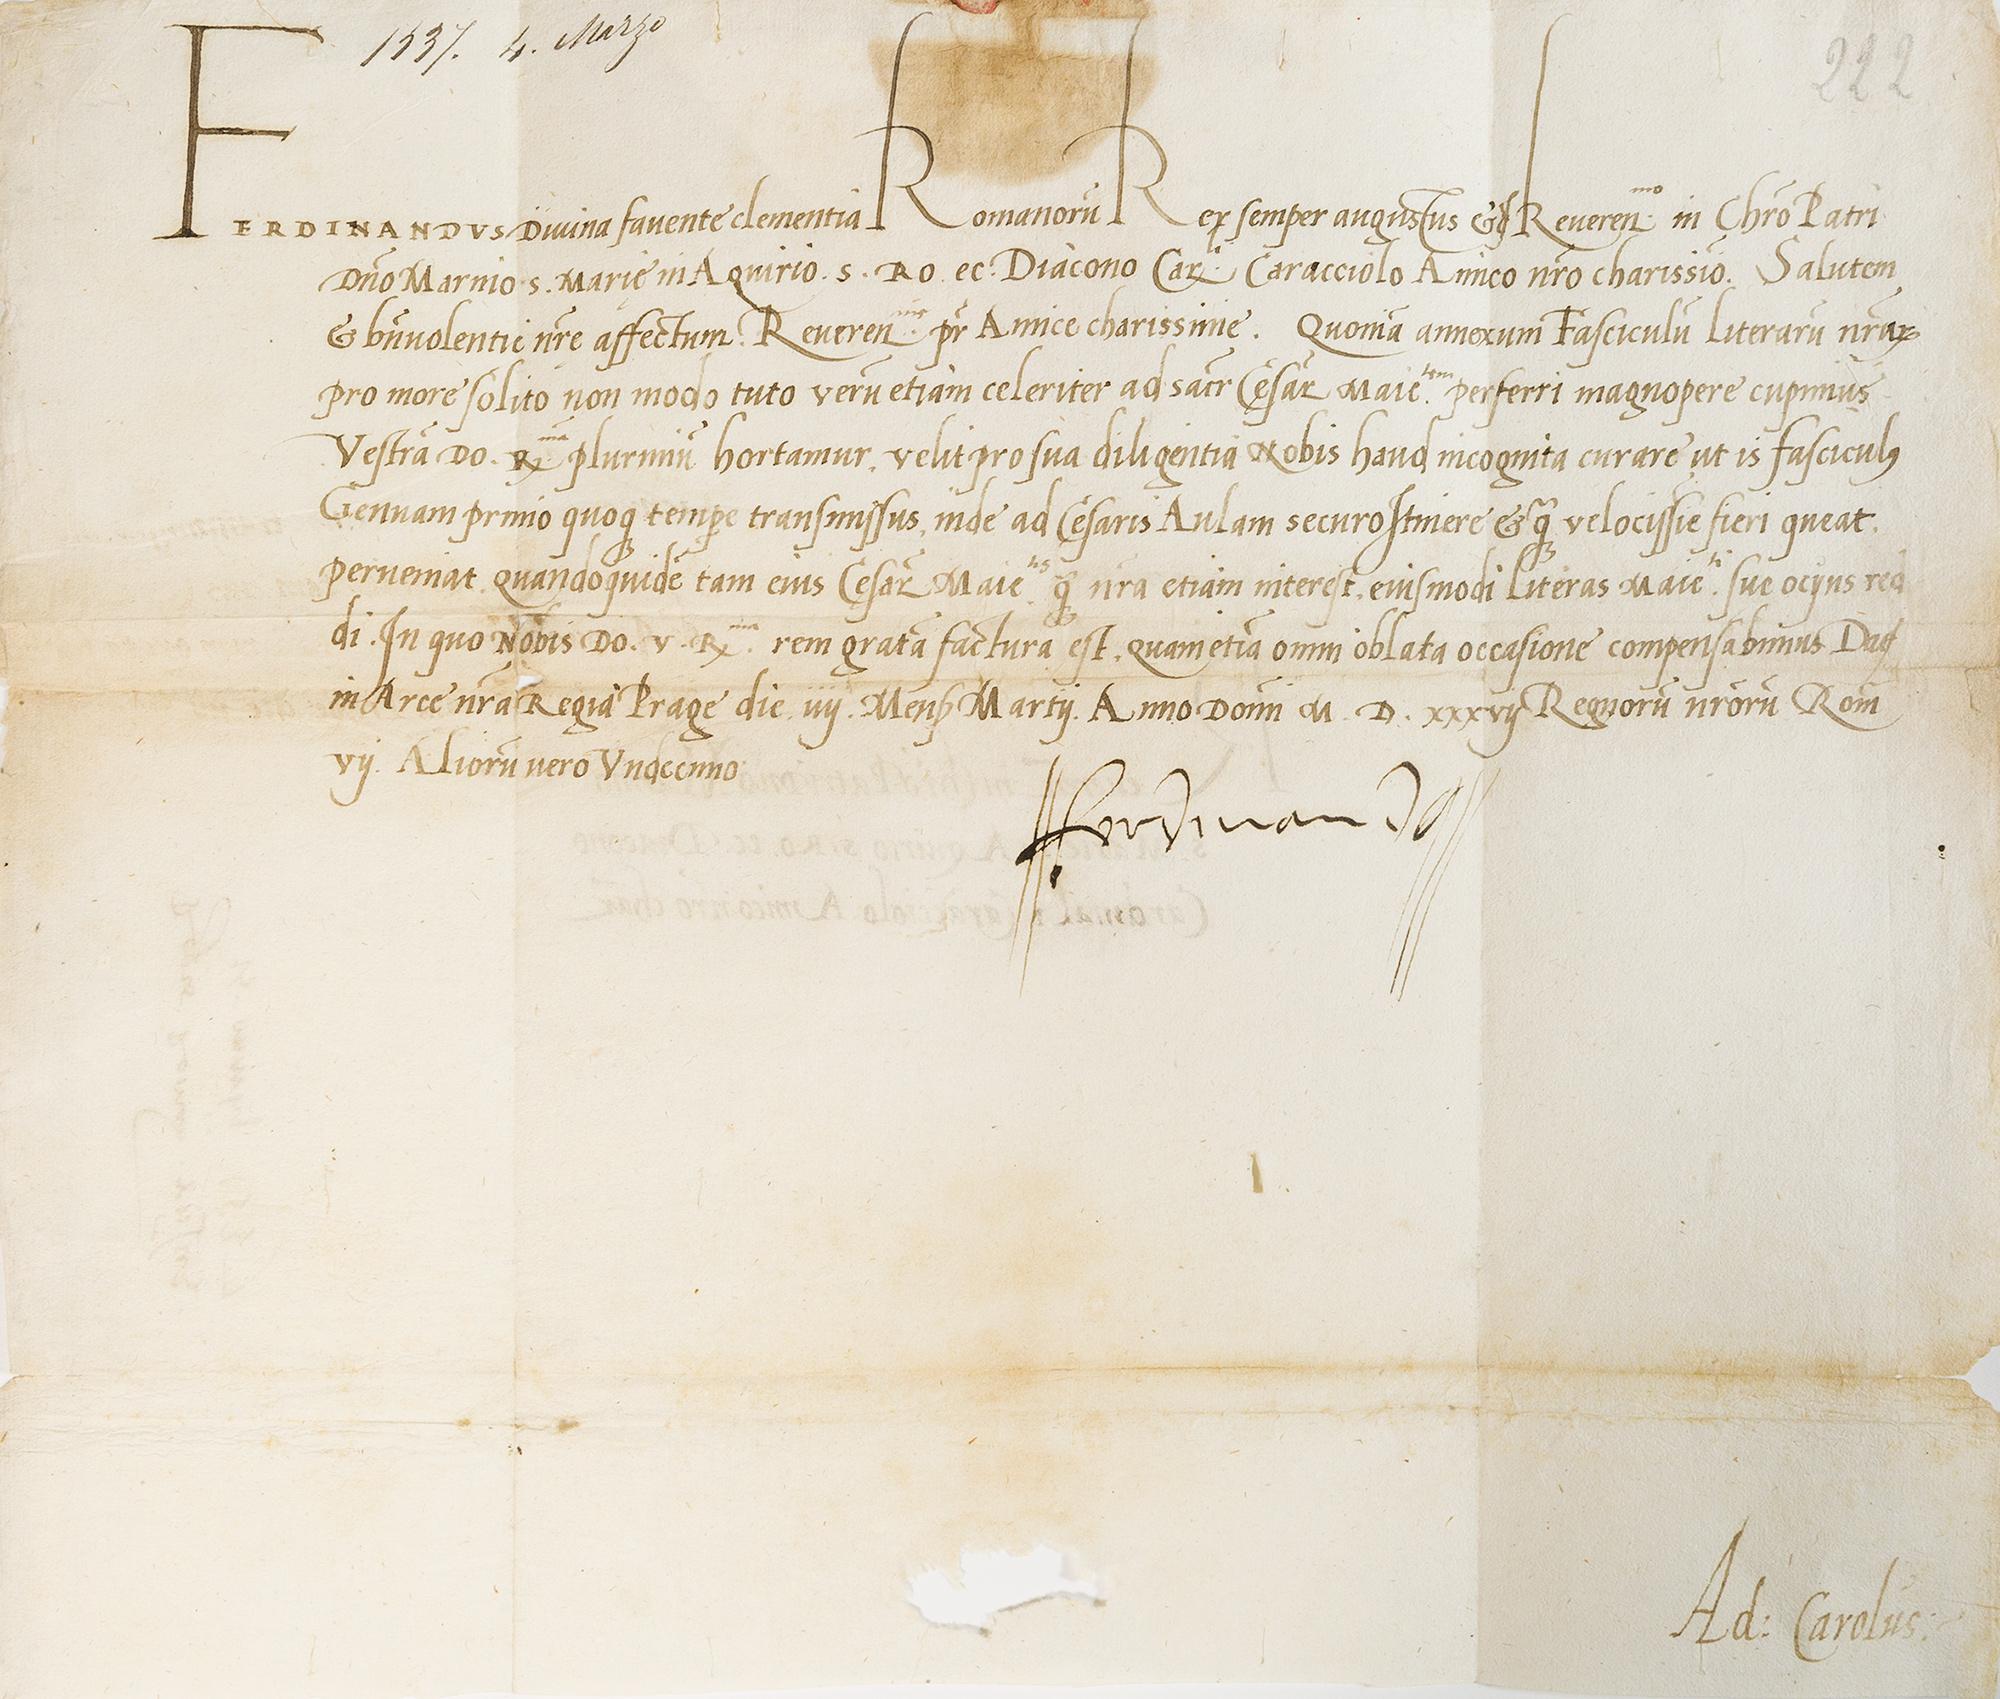 Lettera firmata